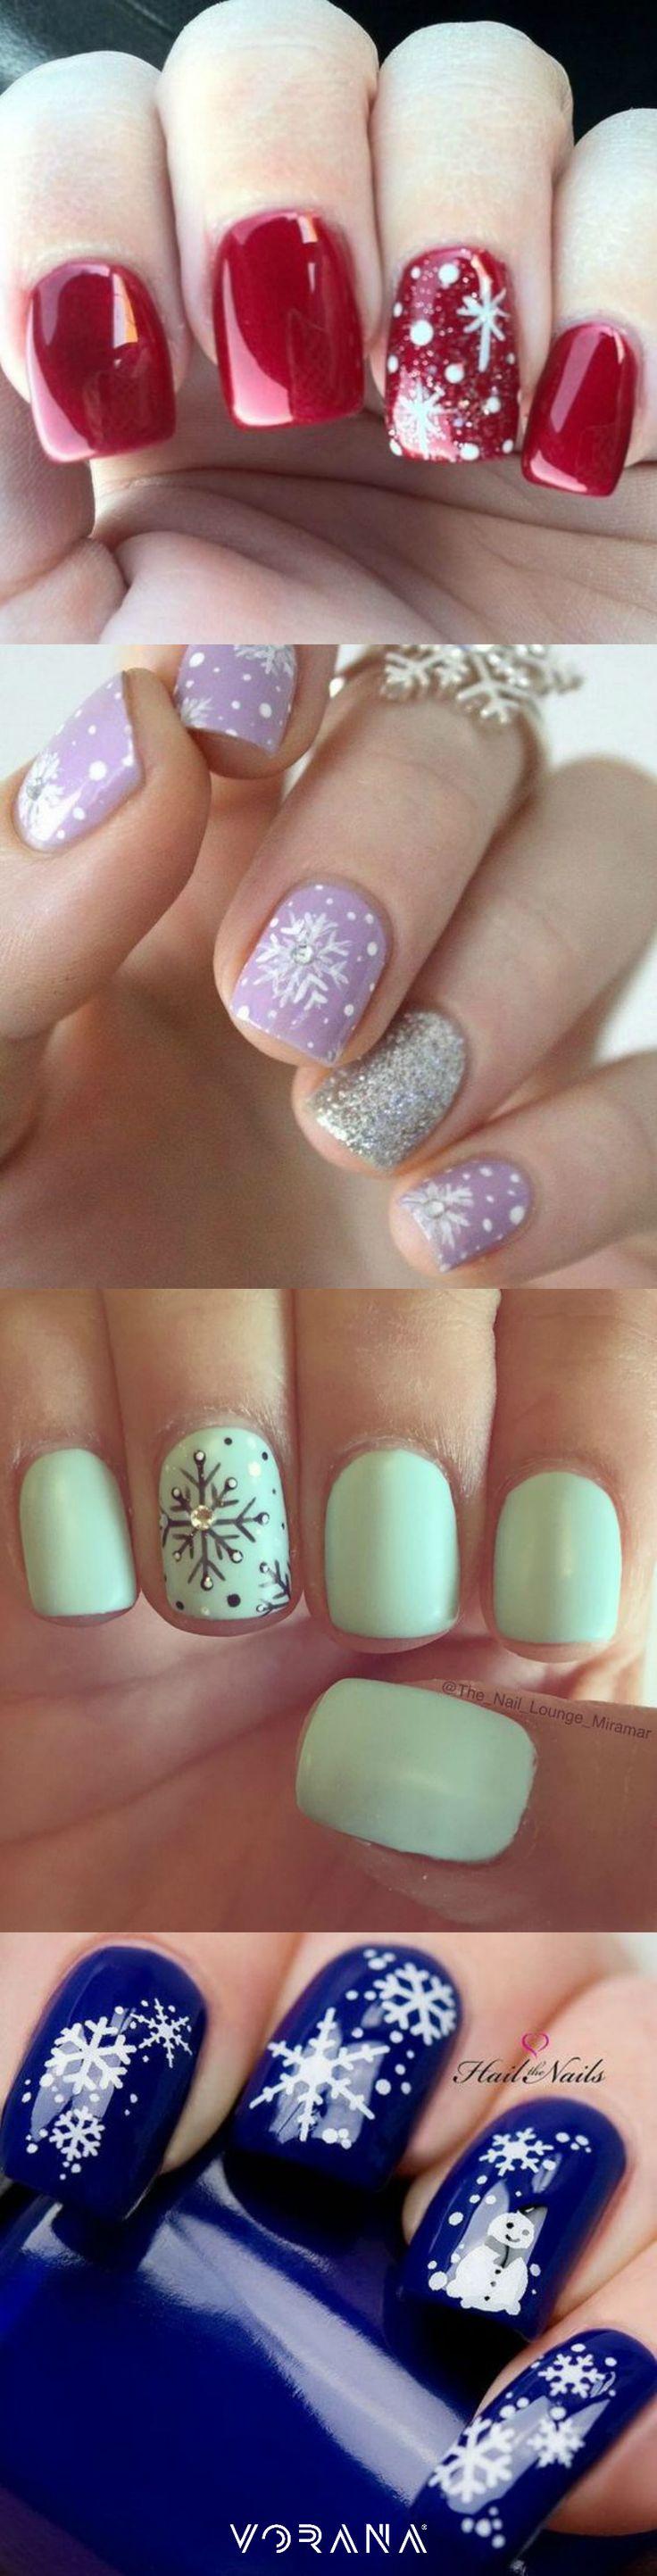 ¡Uñas navideñas! #Navidad #Uñas #Nails